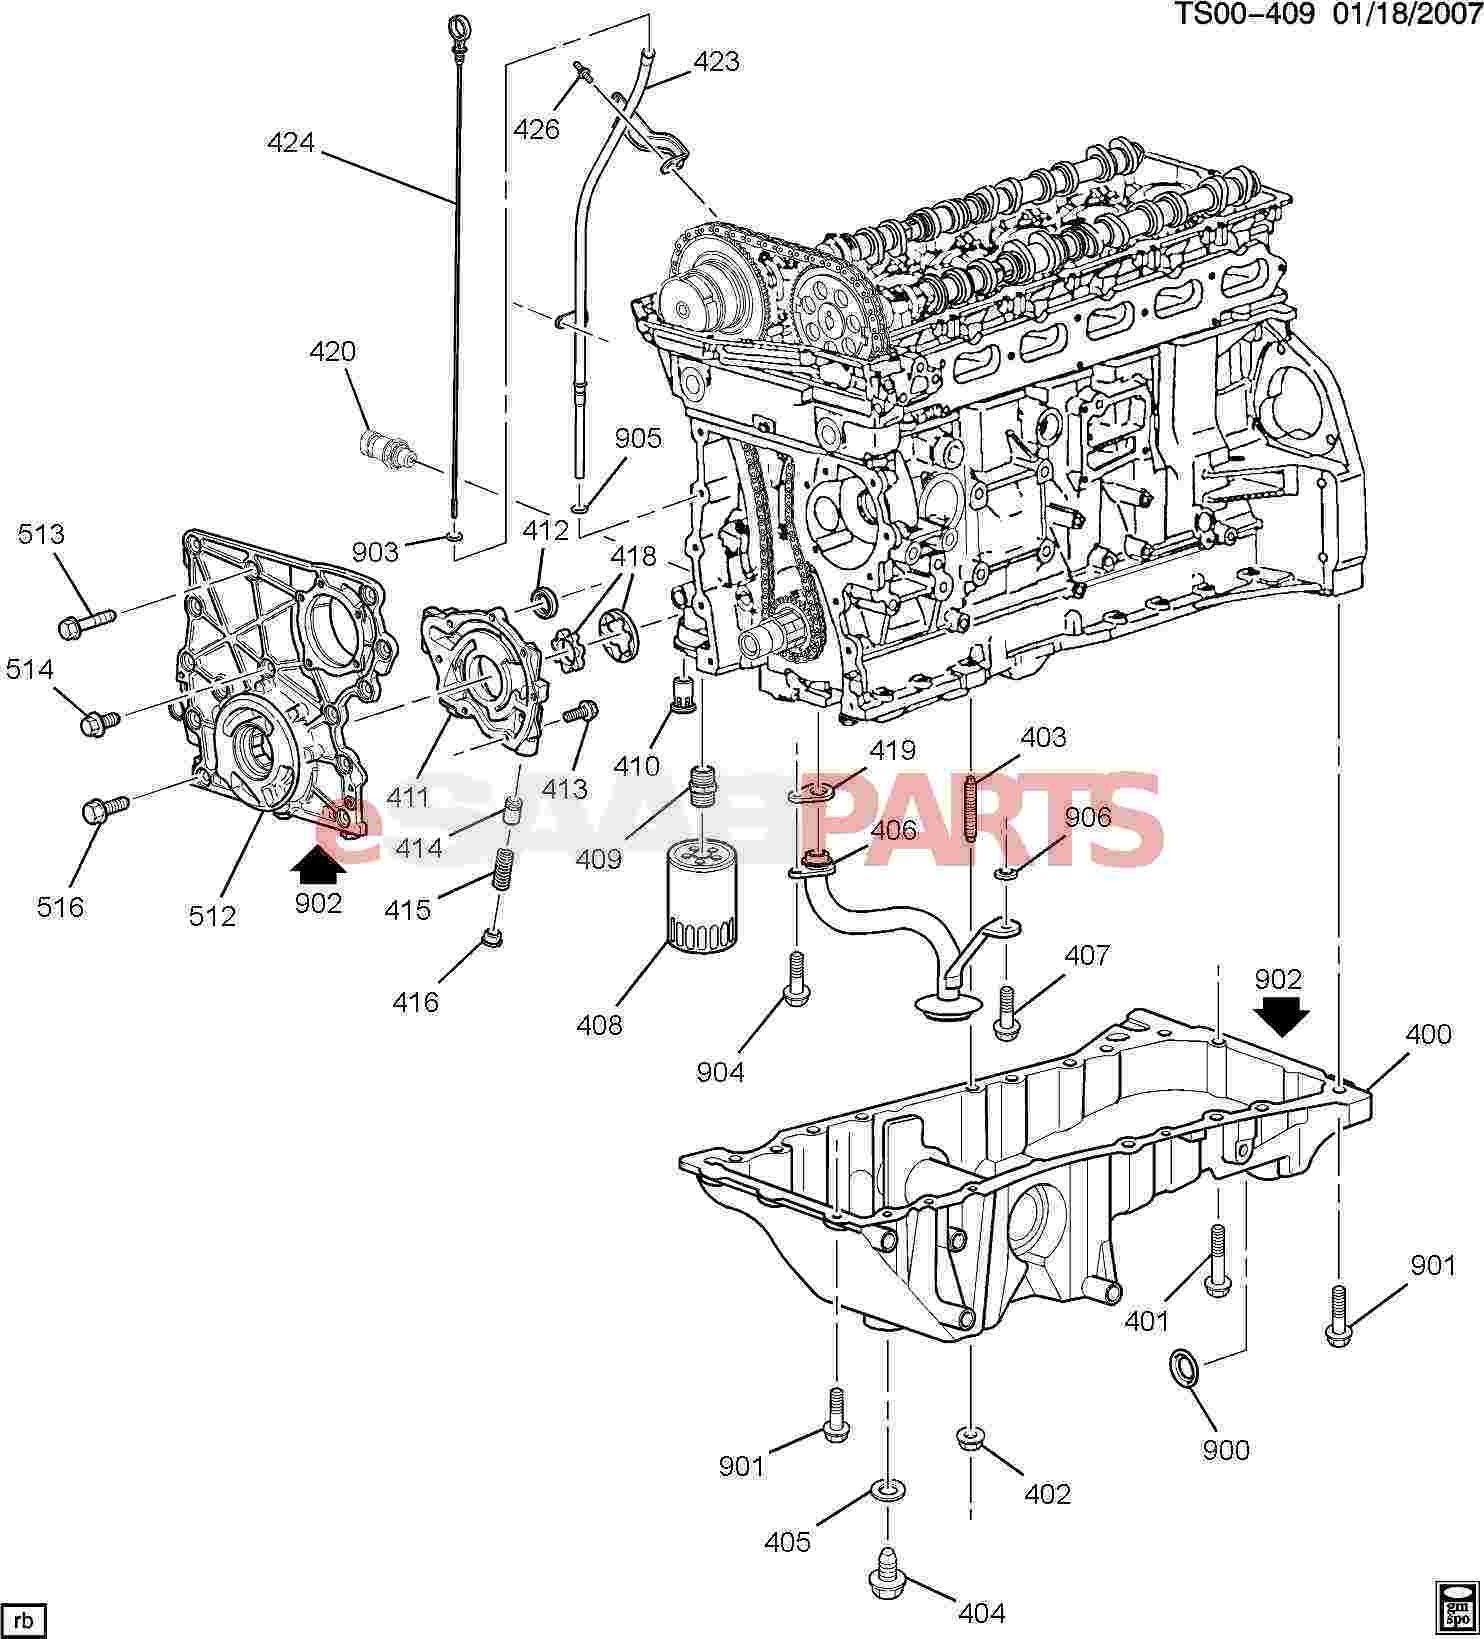 [DIAGRAM] Sequoia Engine Diagram